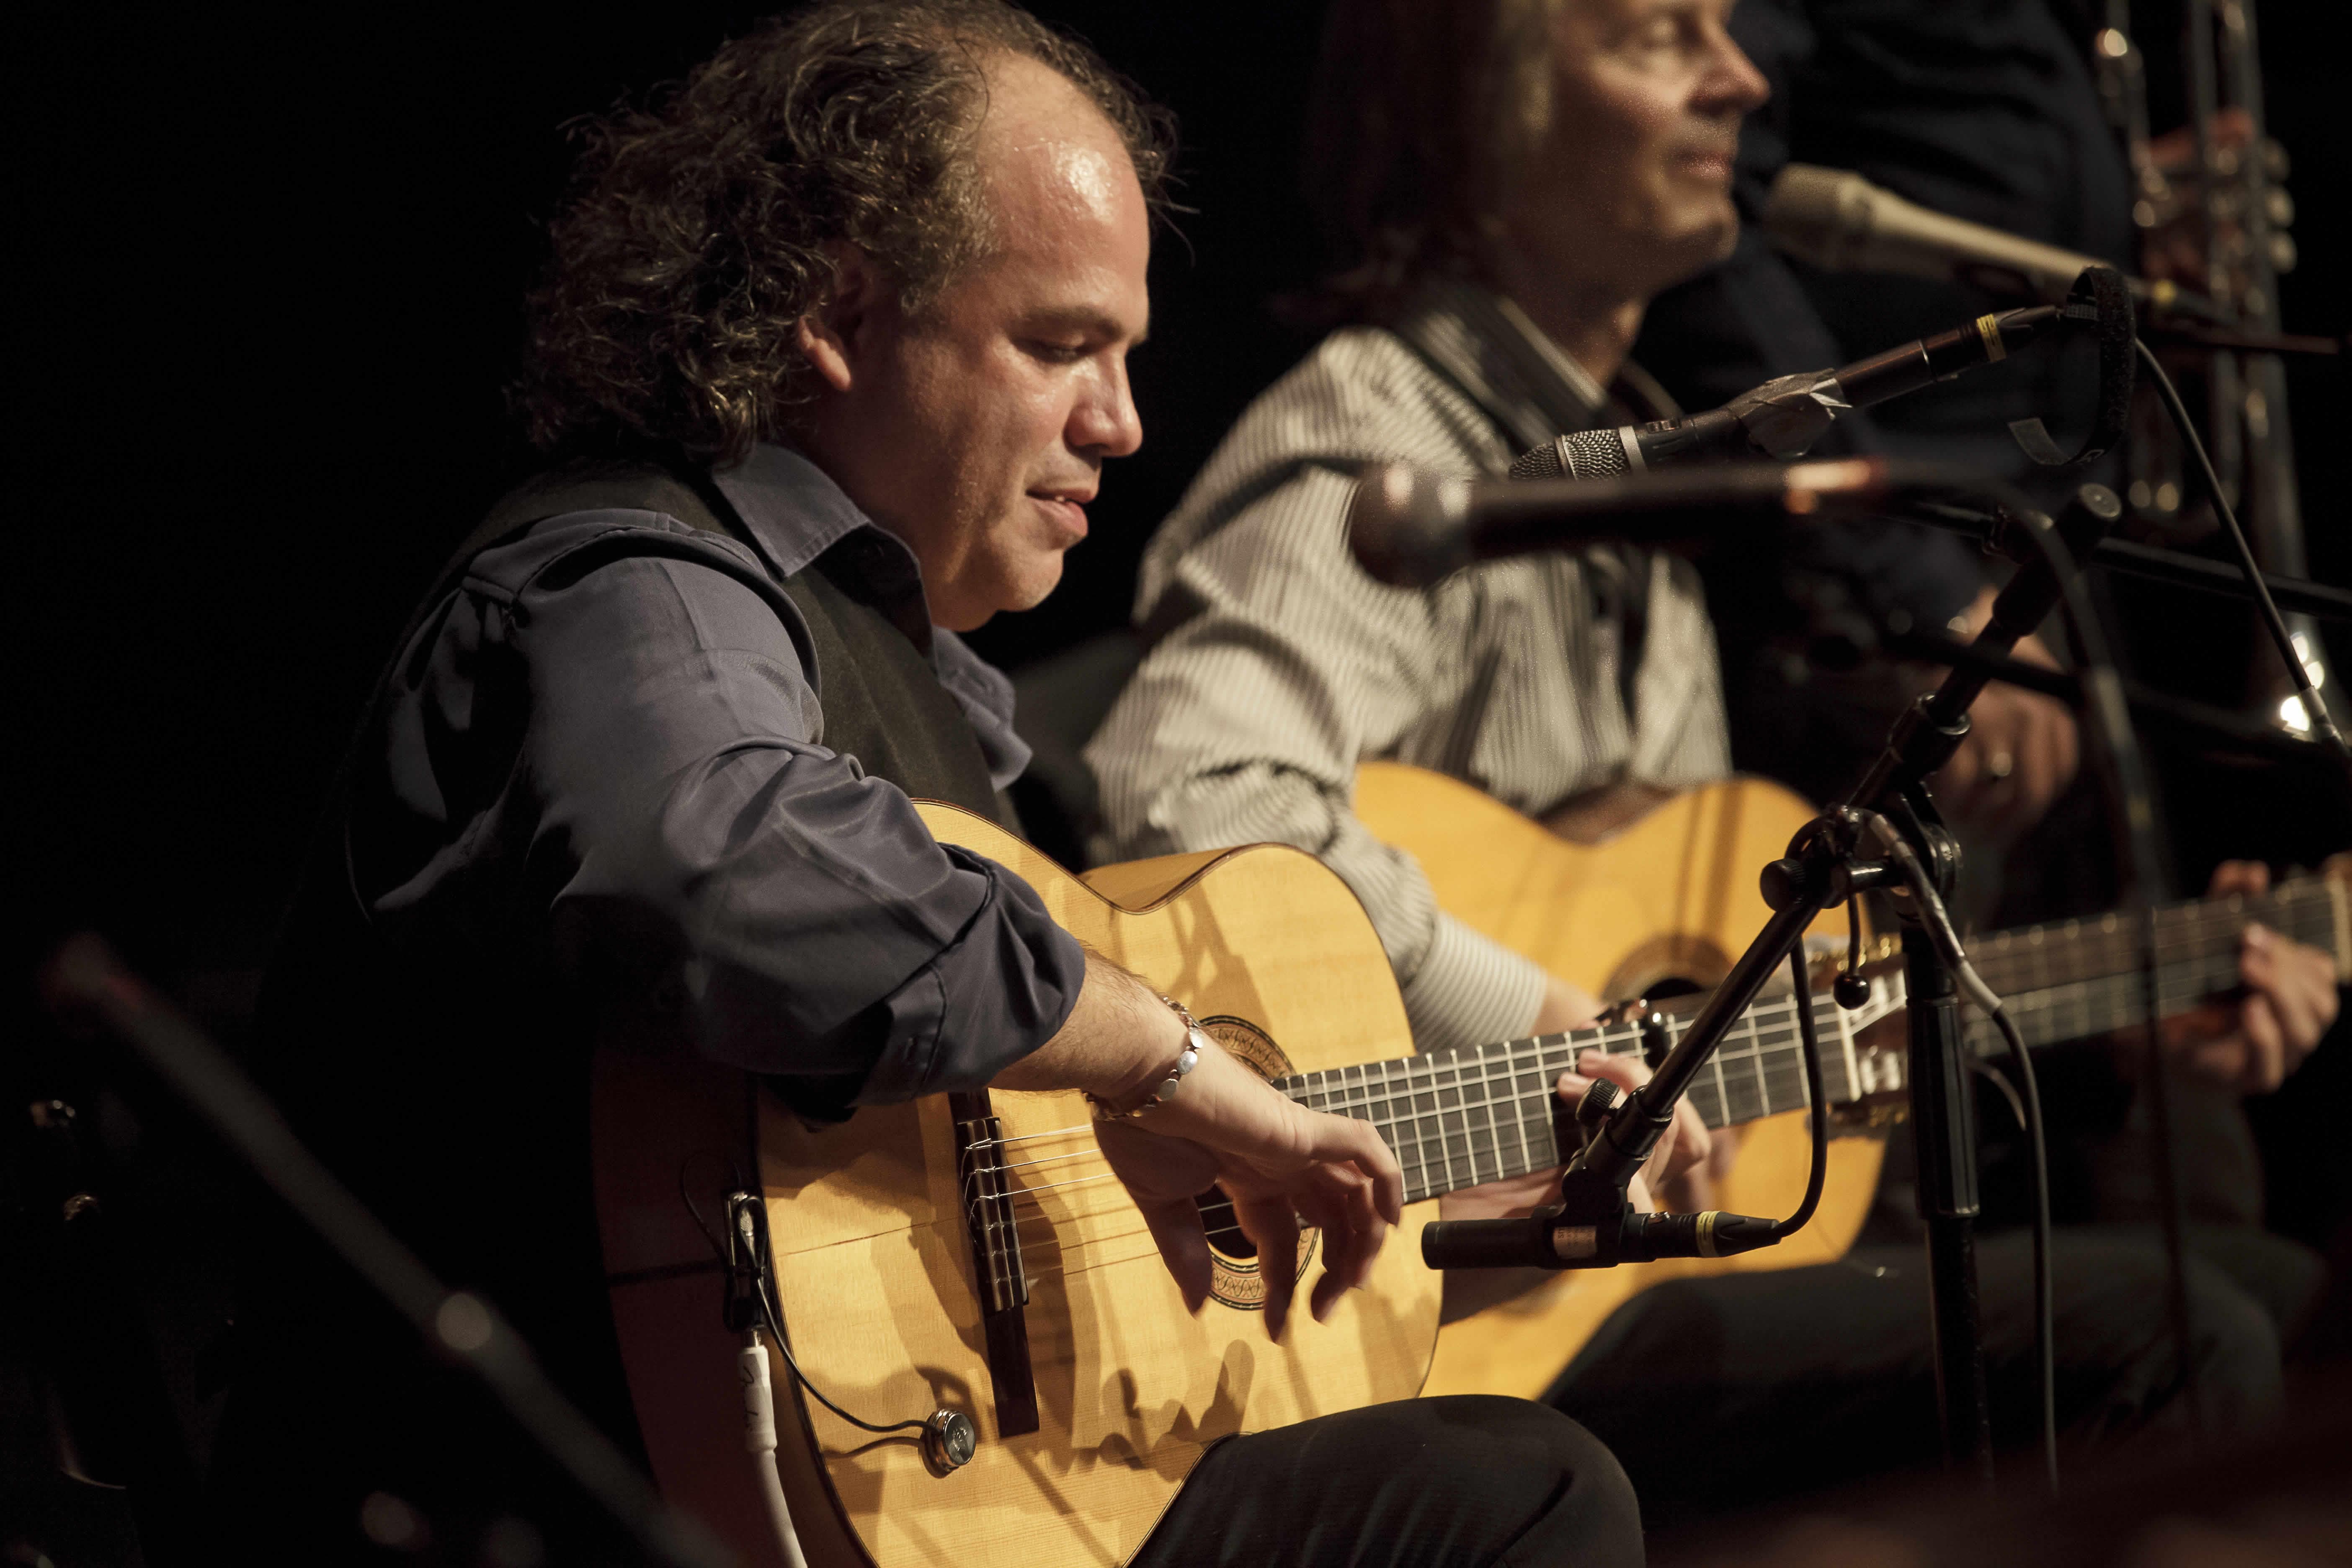 Gypsyfestival 2015 Miguel_Sotelo Gallego9641